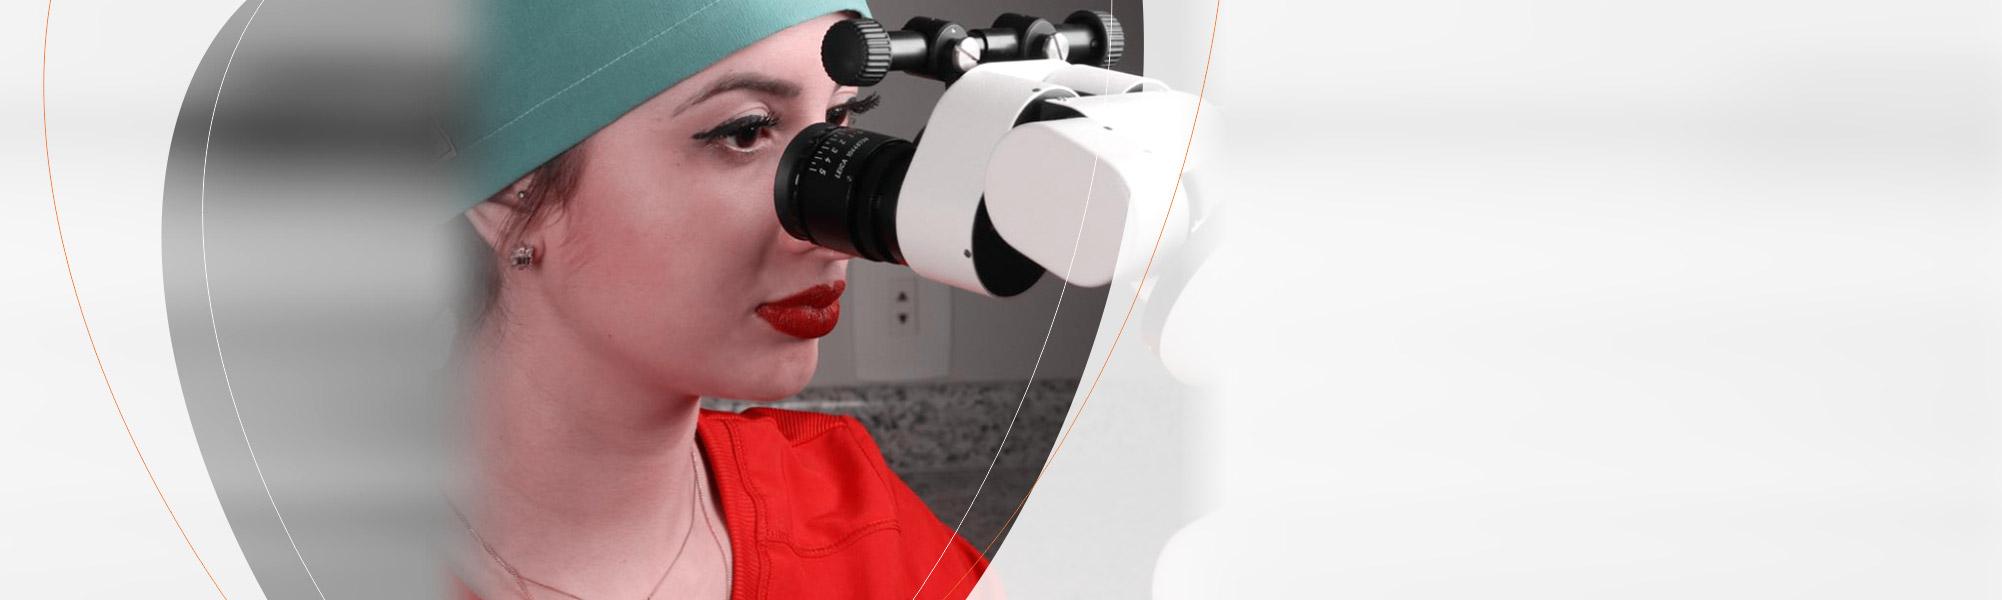 Instituto Odontológico Kopp - Curitiba